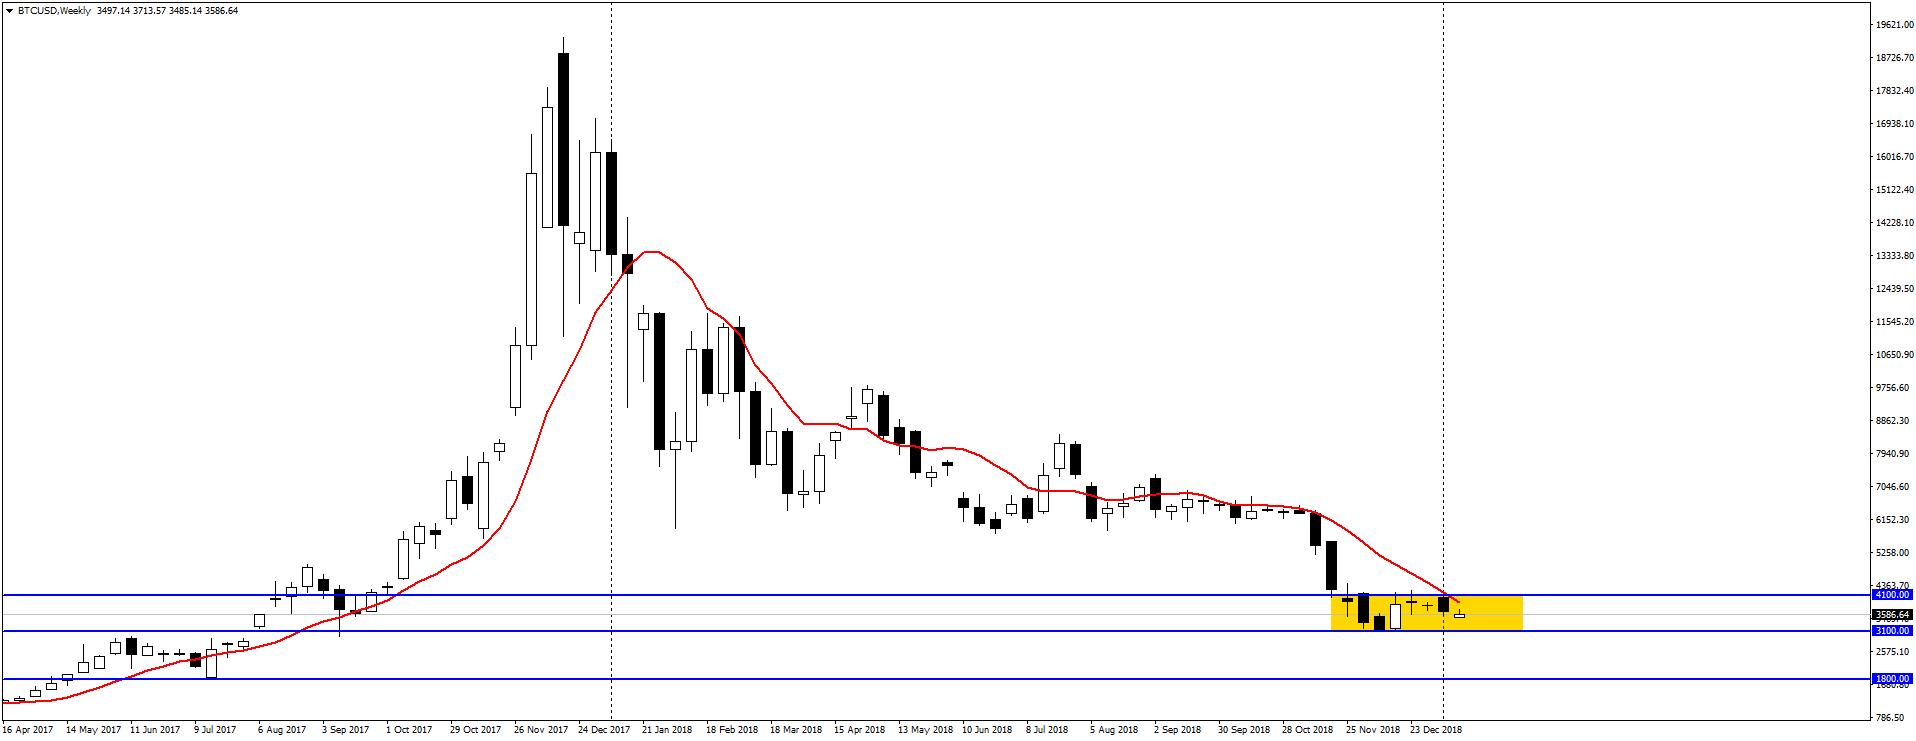 Zmienność na Bitconie spadła o... 98%!